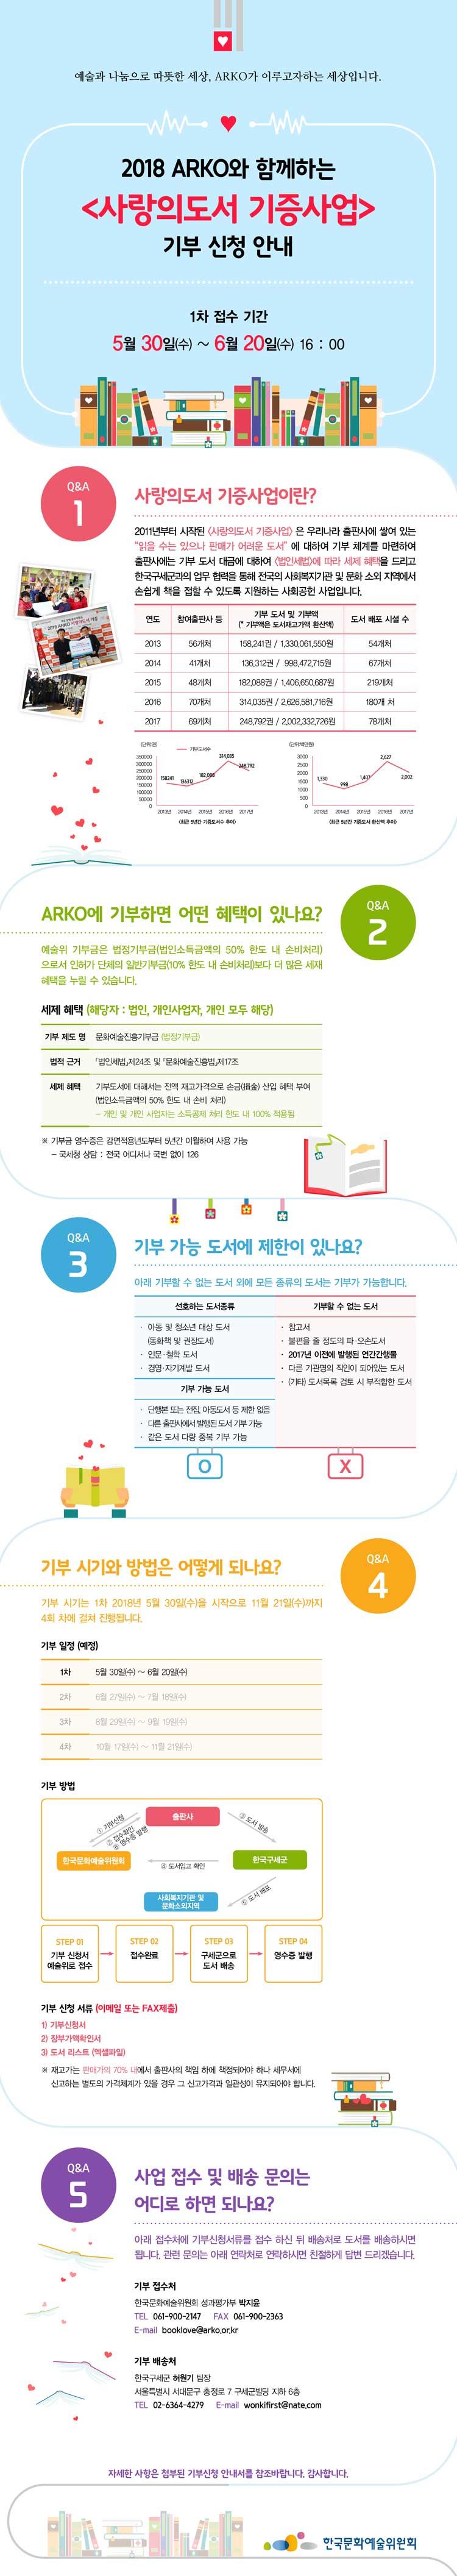 2018 arko와 함께하는 사랑의 도서 기증사업 기부신청안내 1차 접수 기간 _ 5월 30일 (수)~6월 20일 (수) 16:00